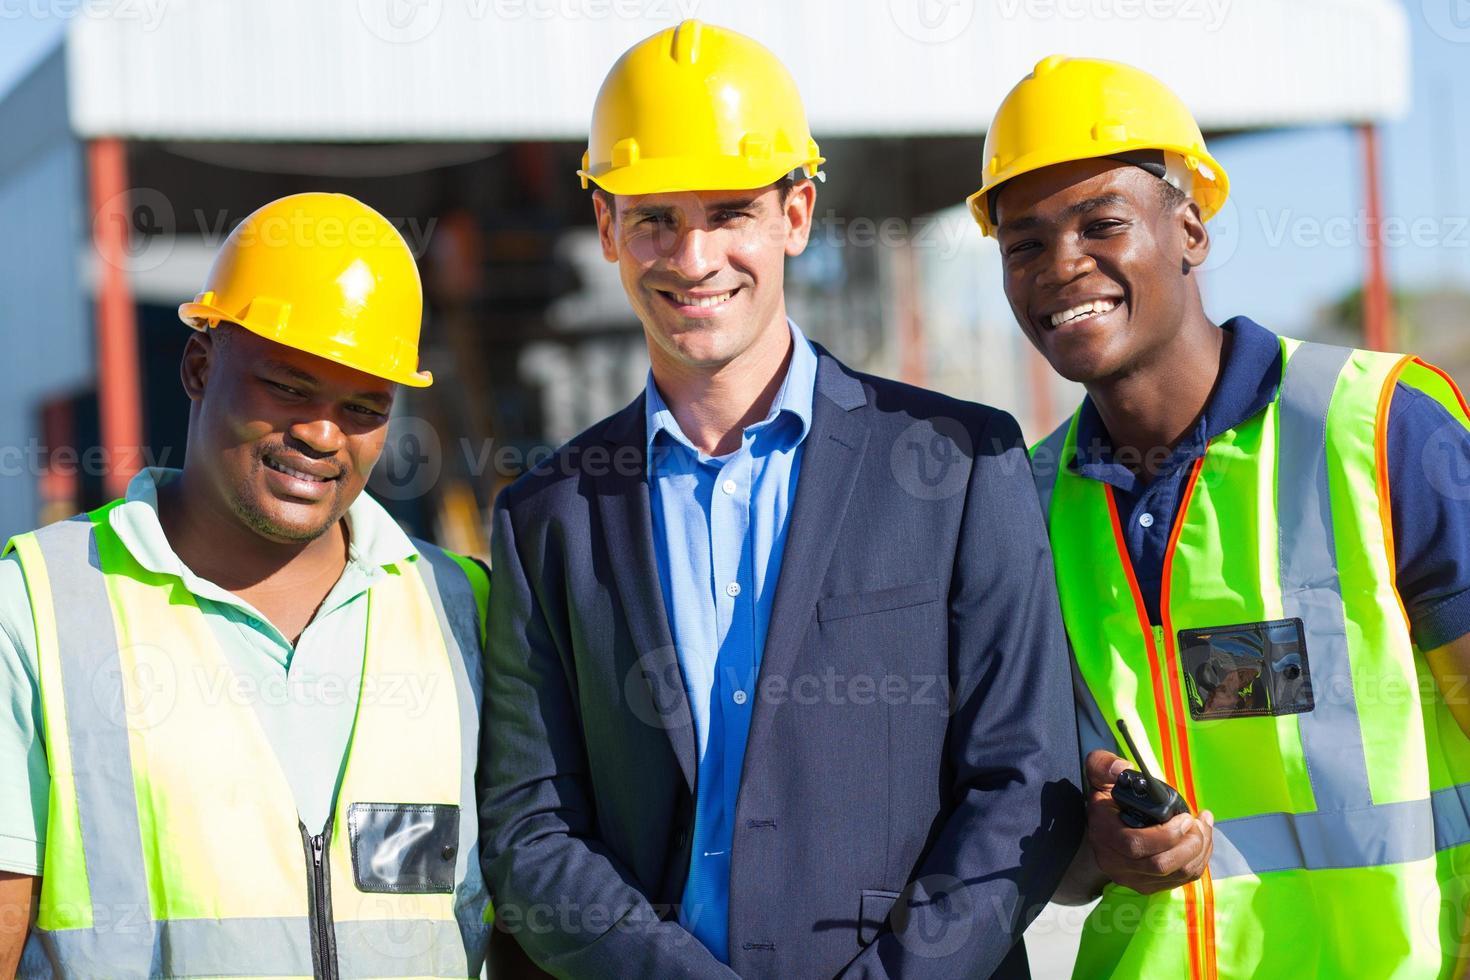 trabalhadores e empresário de construção foto